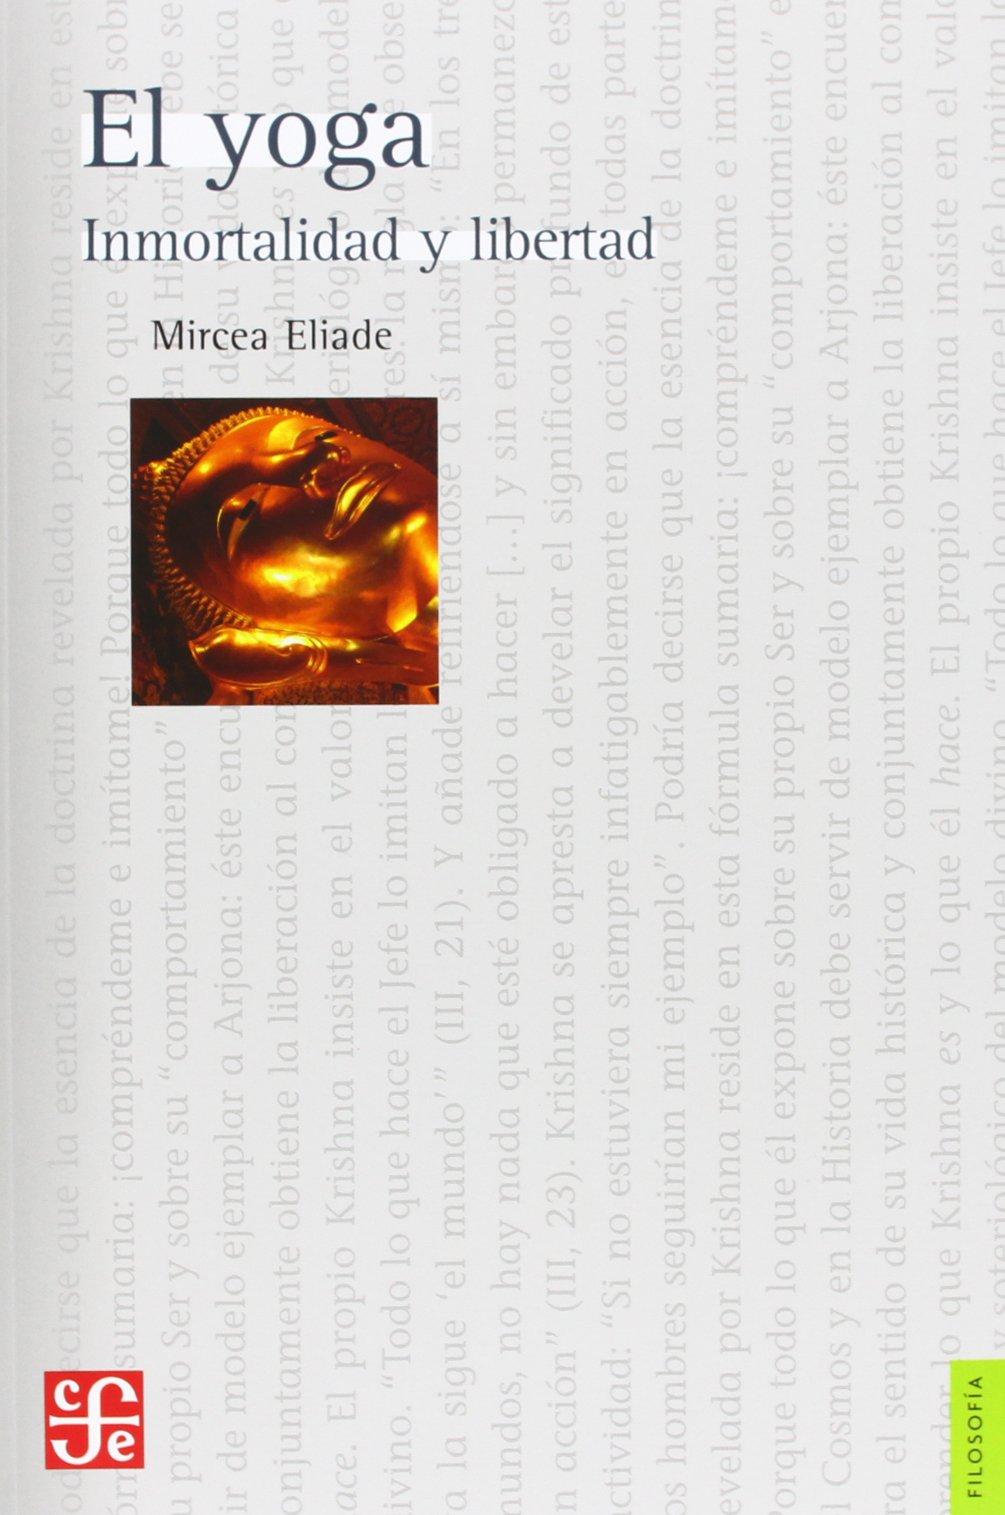 El yoga. Inmortalidad y libertad: Amazon.es: Eliade, Mircea: Libros